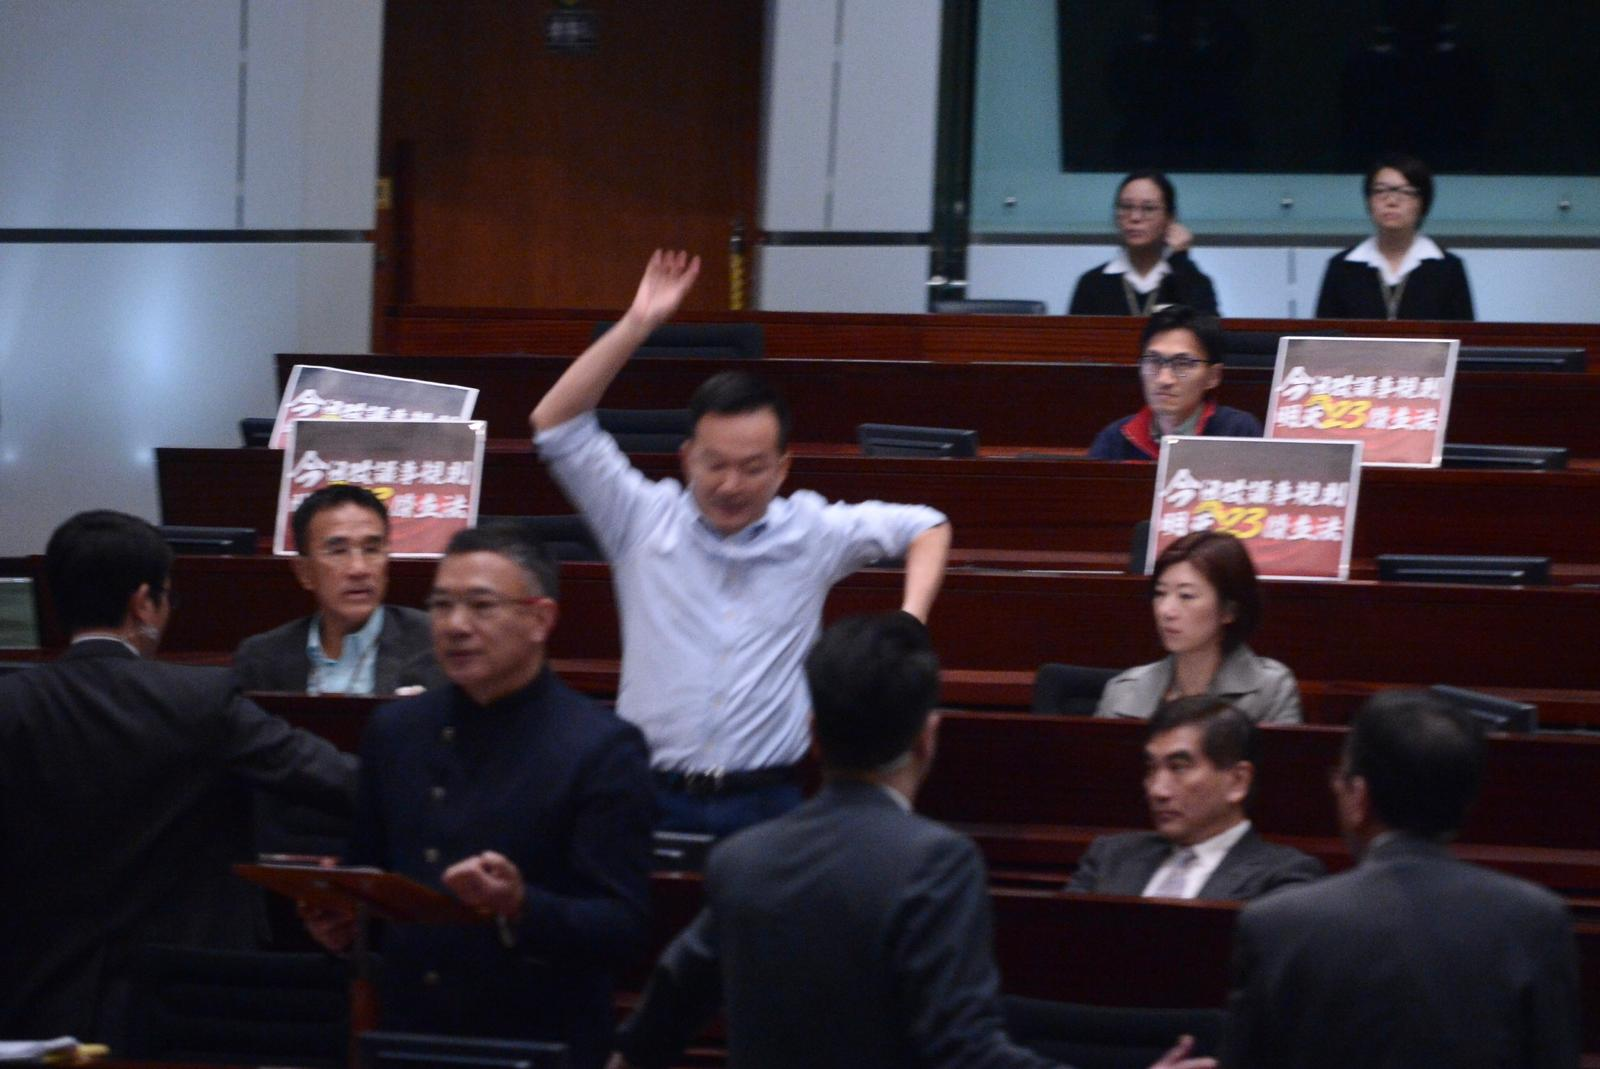 陳志全一度即跨越座位,企圖衝向主席台。